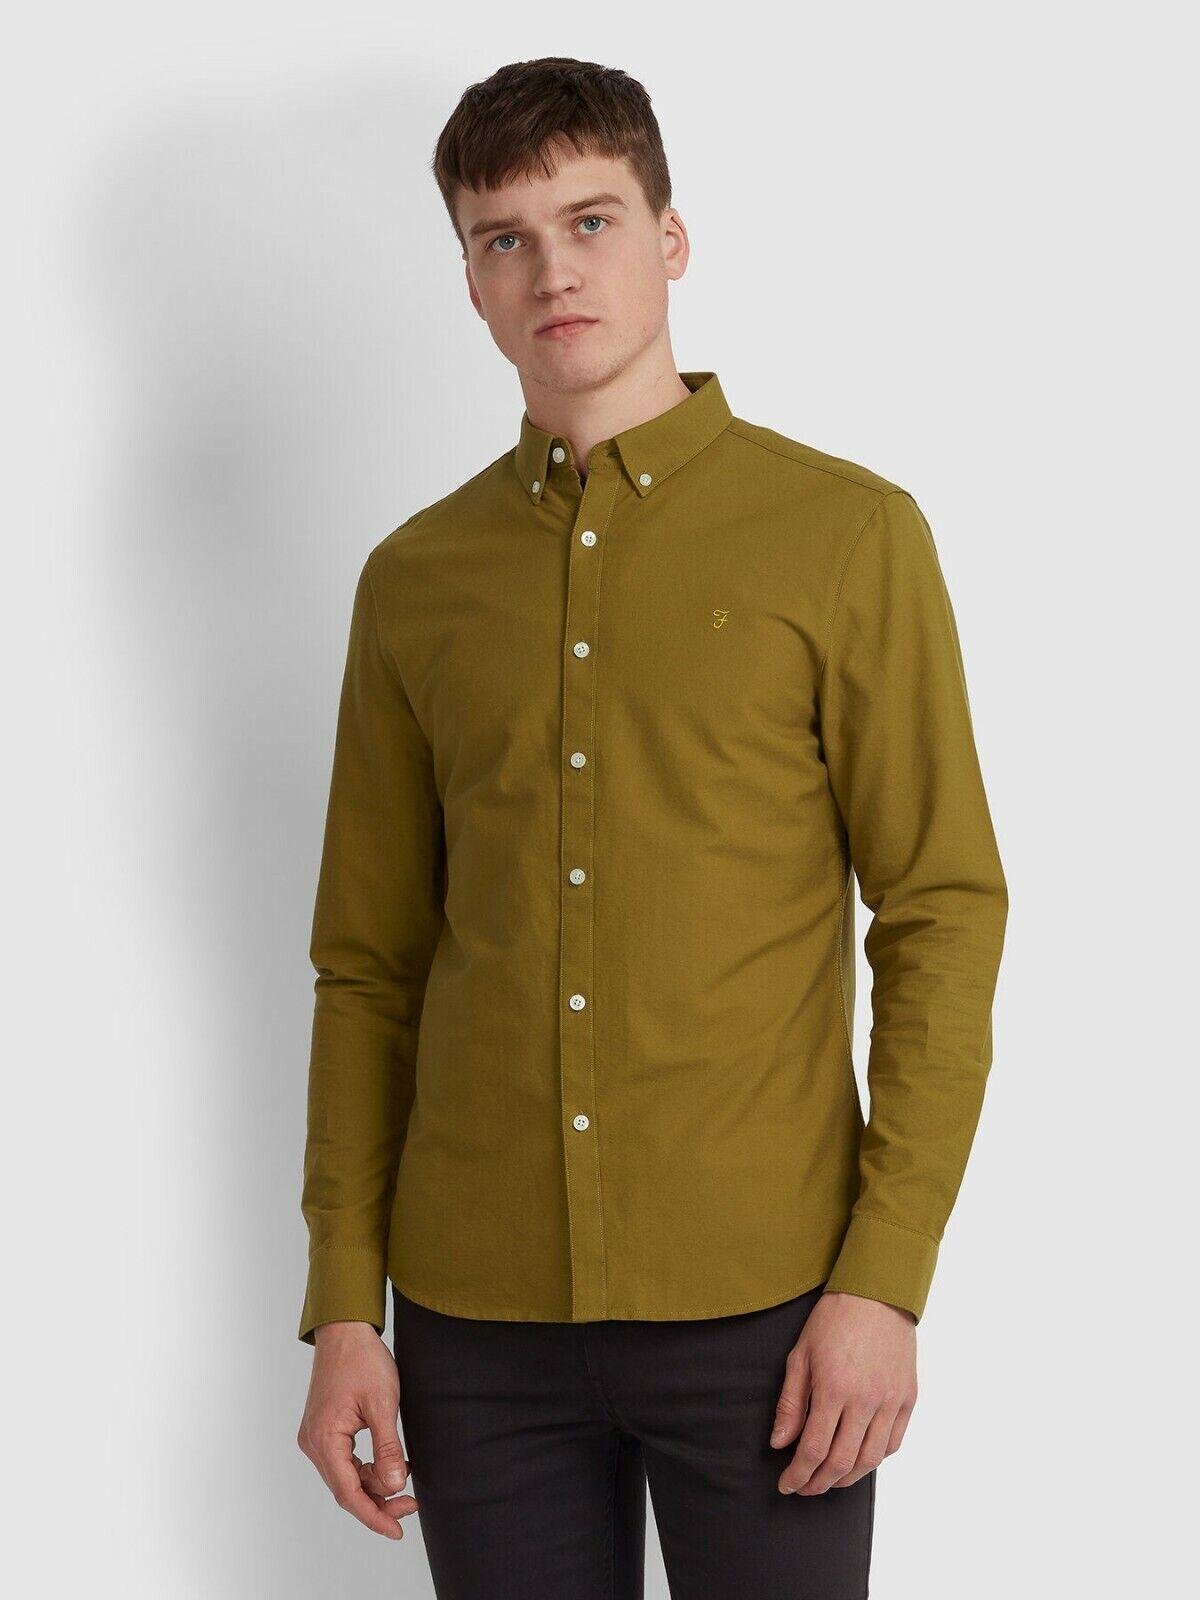 FARAH Mens Dennis Slim T-Shirt in SPANISH BROWN